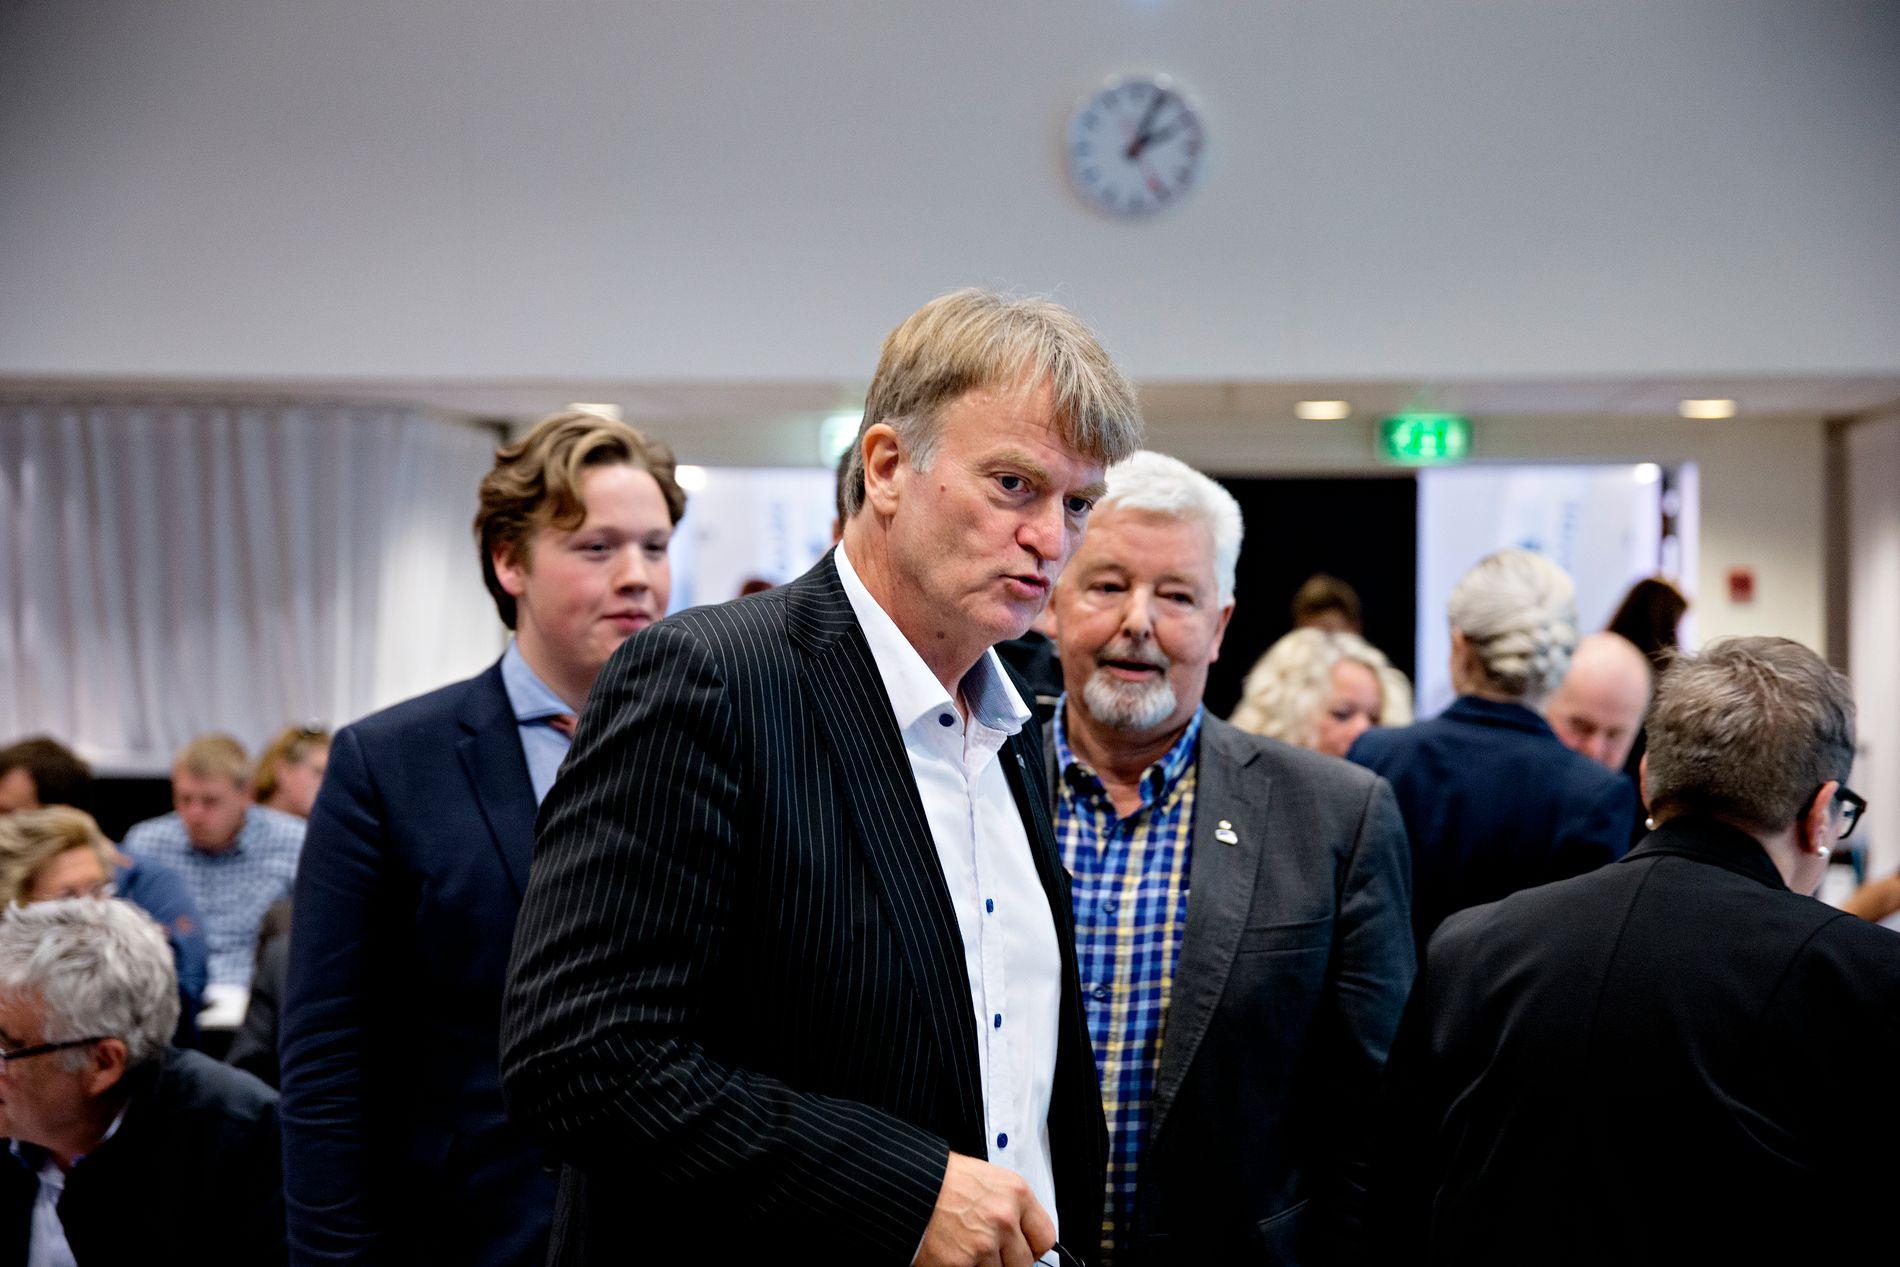 REVURDERE? «På tide å revurdere bybaneambisjonene», skrev stortingsrepresentant Ove Trellevik (H) forrige uke.